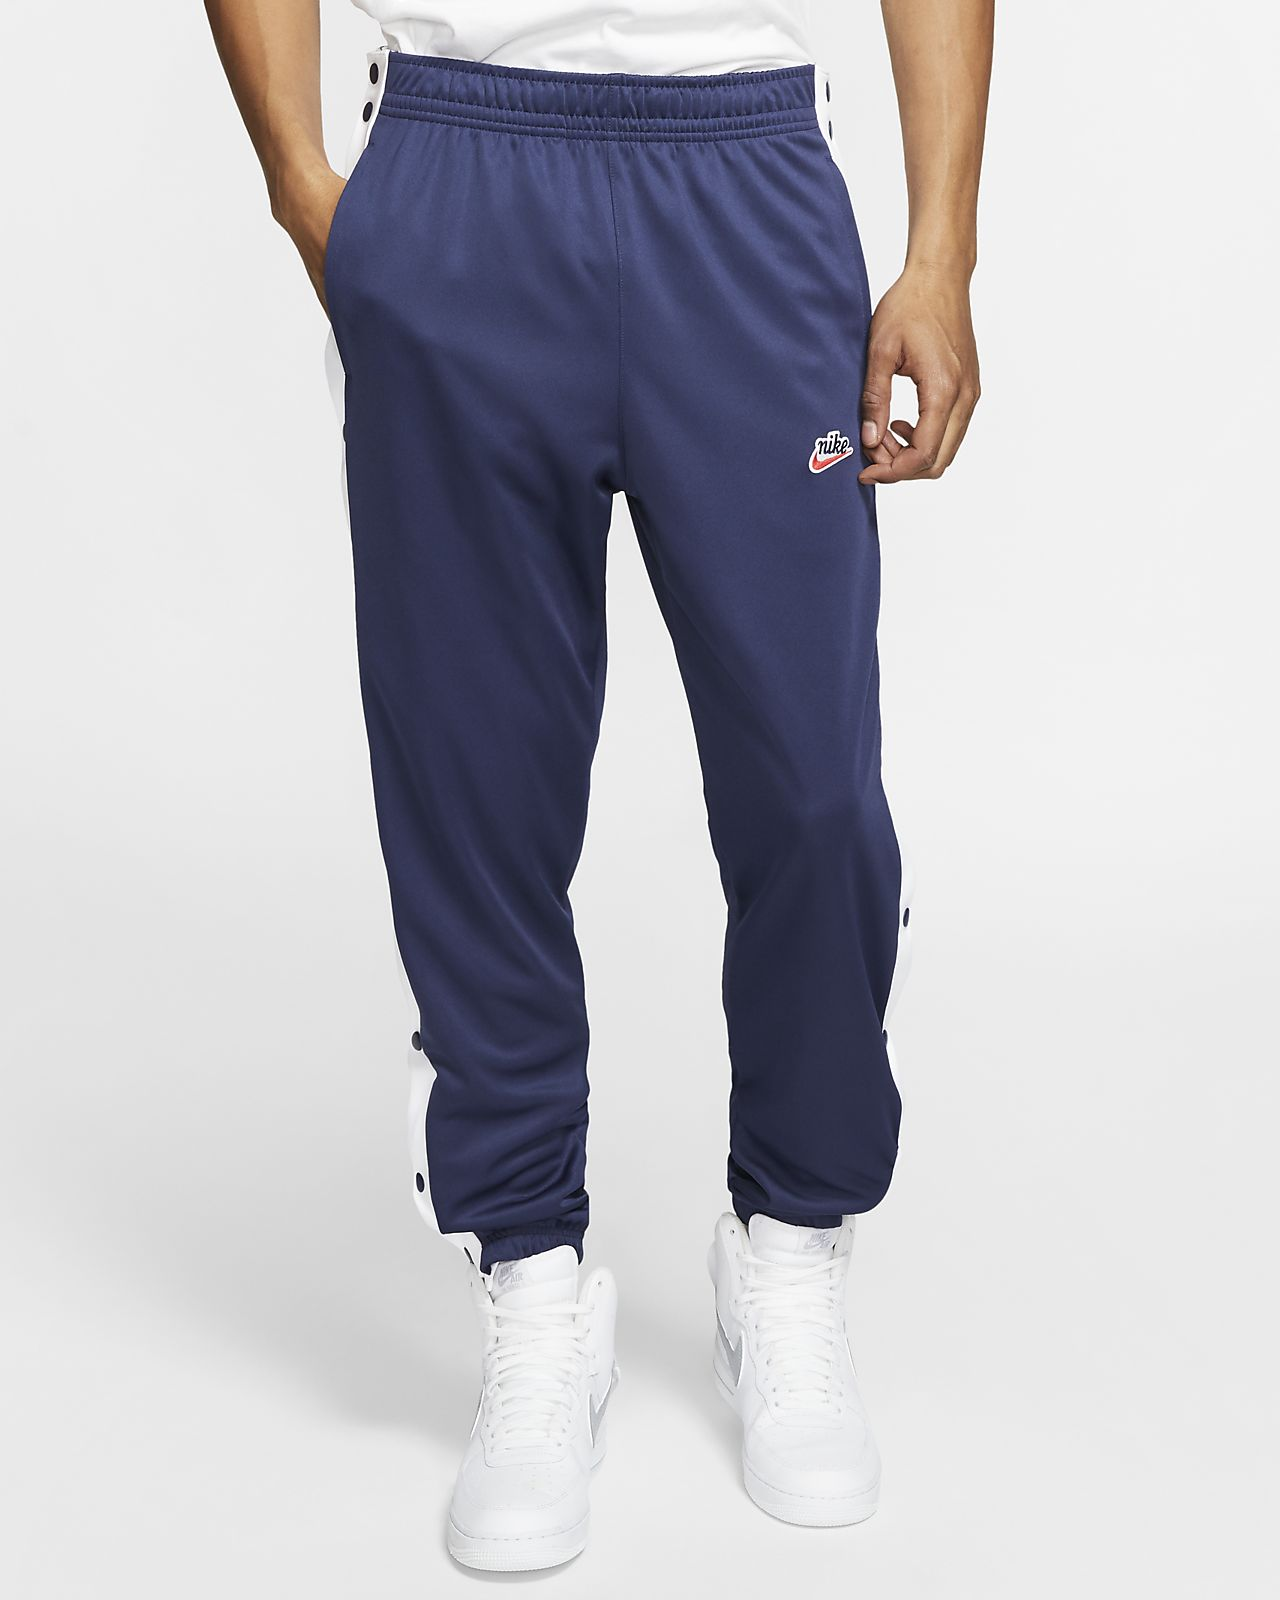 Pantaloni Tearaway Nike Sportswear - Uomo